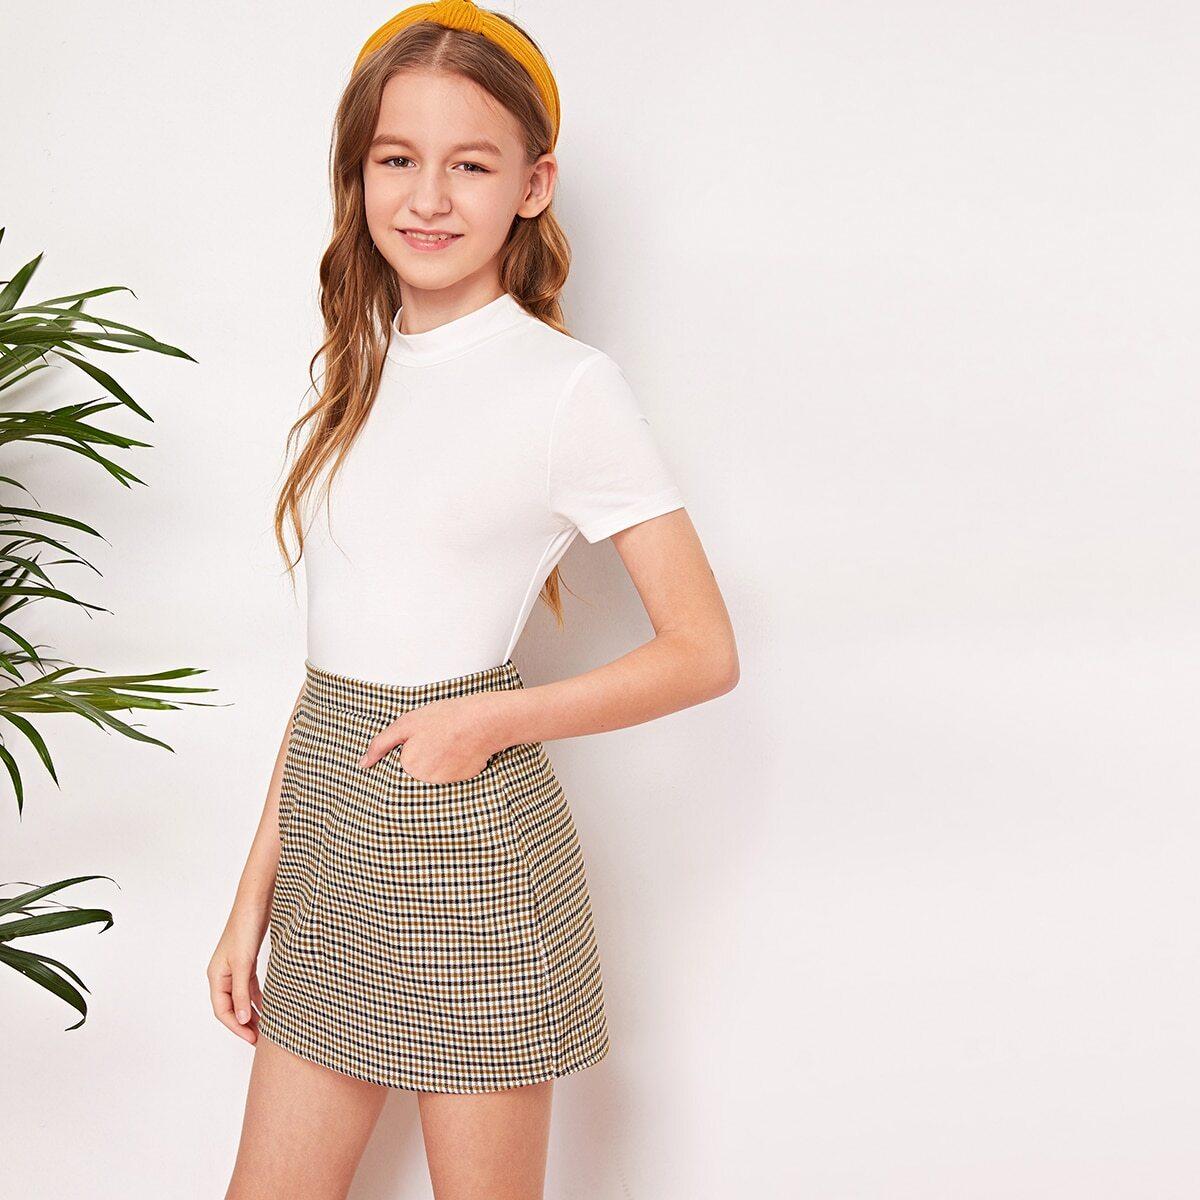 Топ с воротником-стойкой и юбка в клетку для девочек от SHEIN